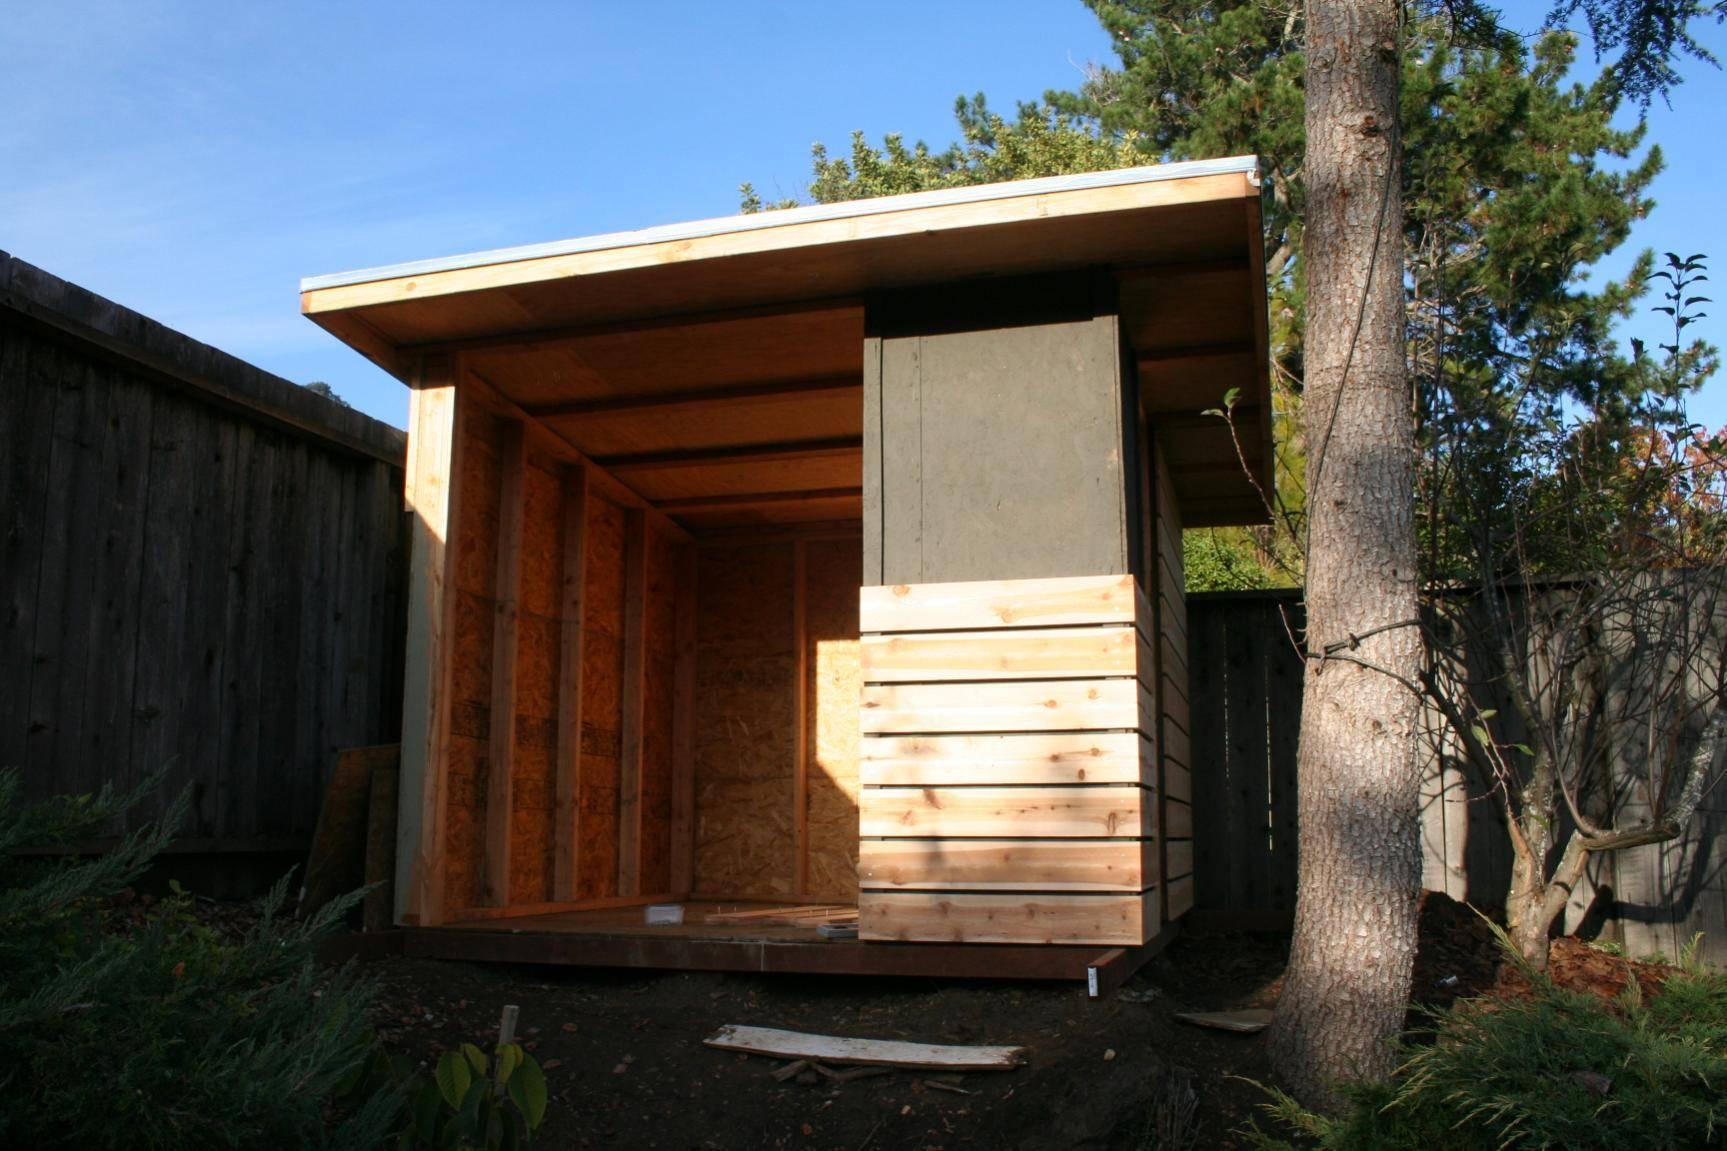 ^ Secret Selecting Modern Shed Diy Plans - Home Building Plans #17732